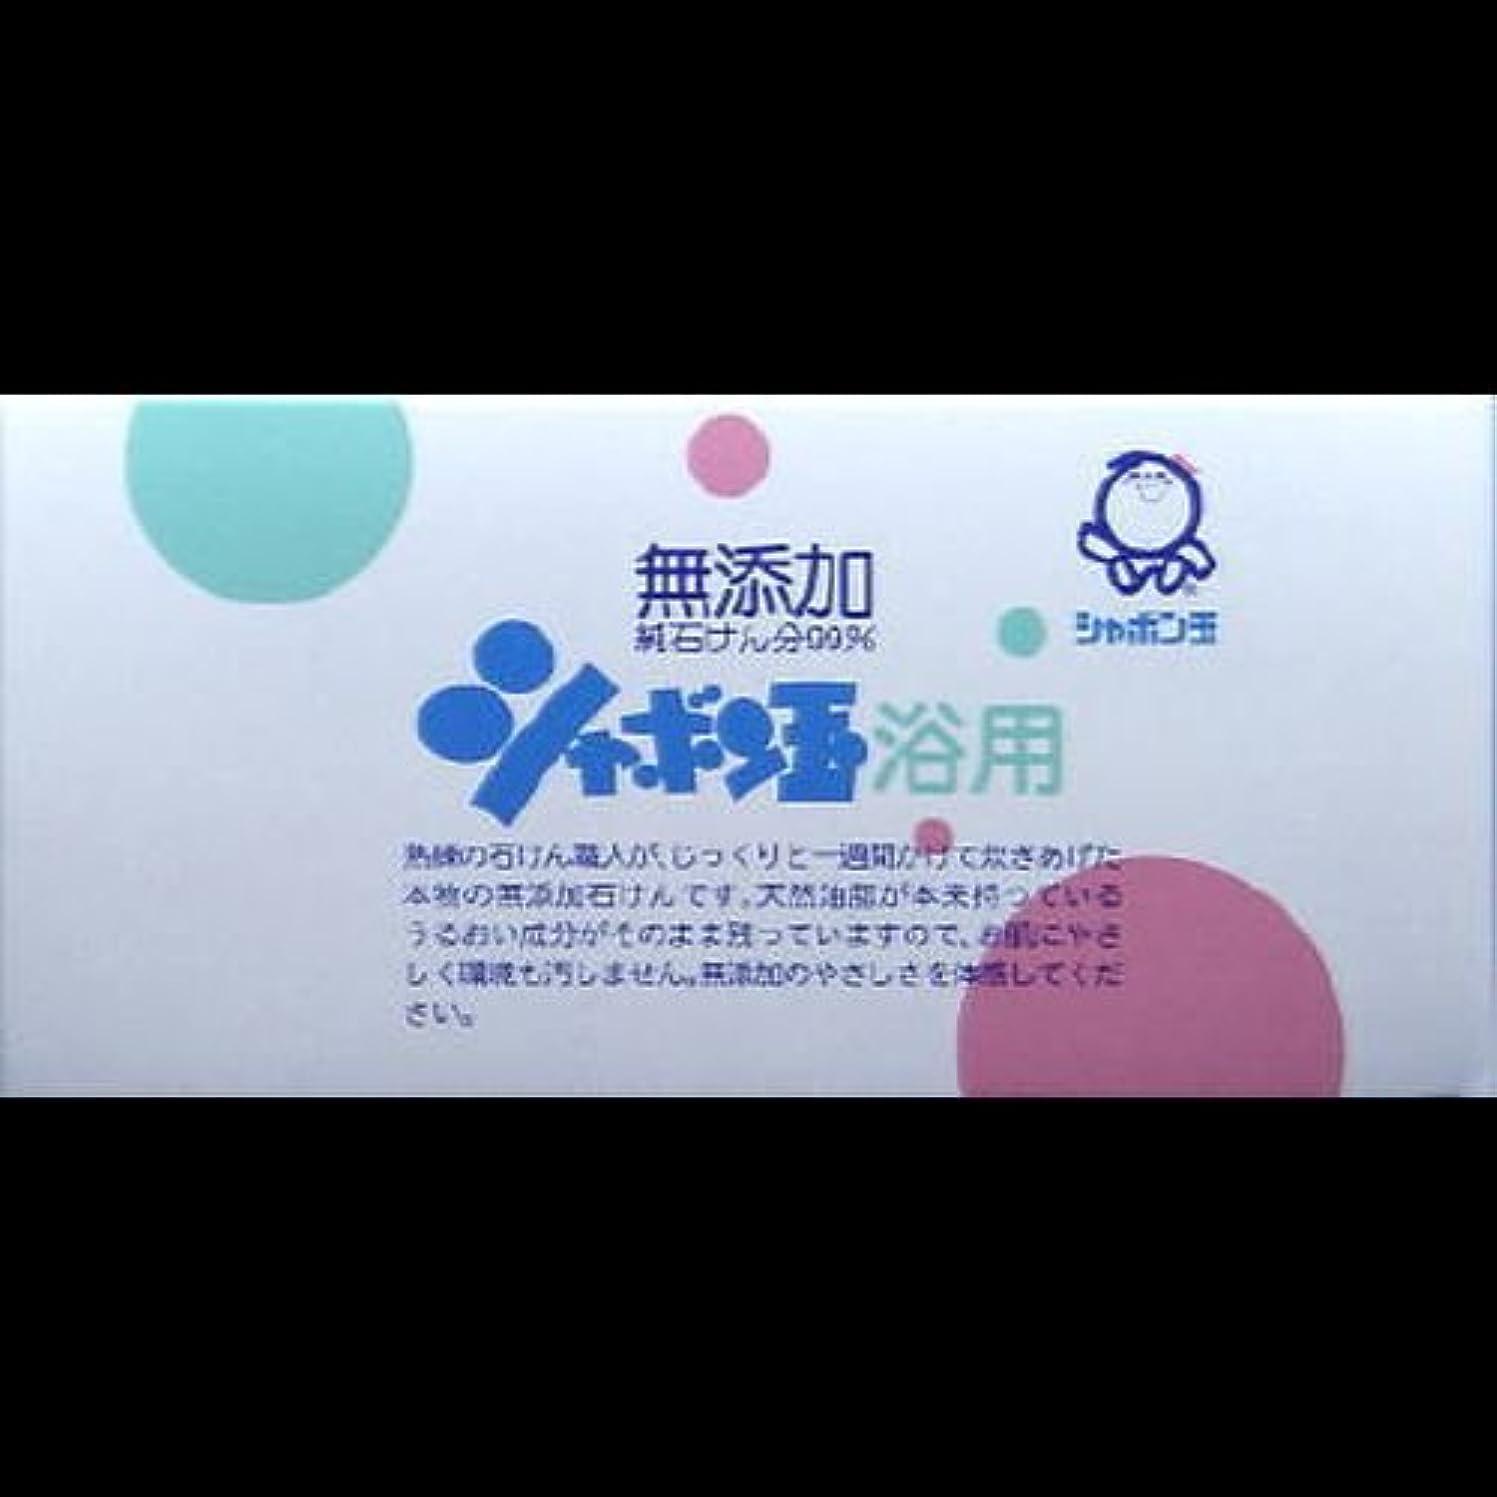 矛盾するワンダーエネルギー【まとめ買い】シャボン玉 浴用 100g*3個 ×2セット